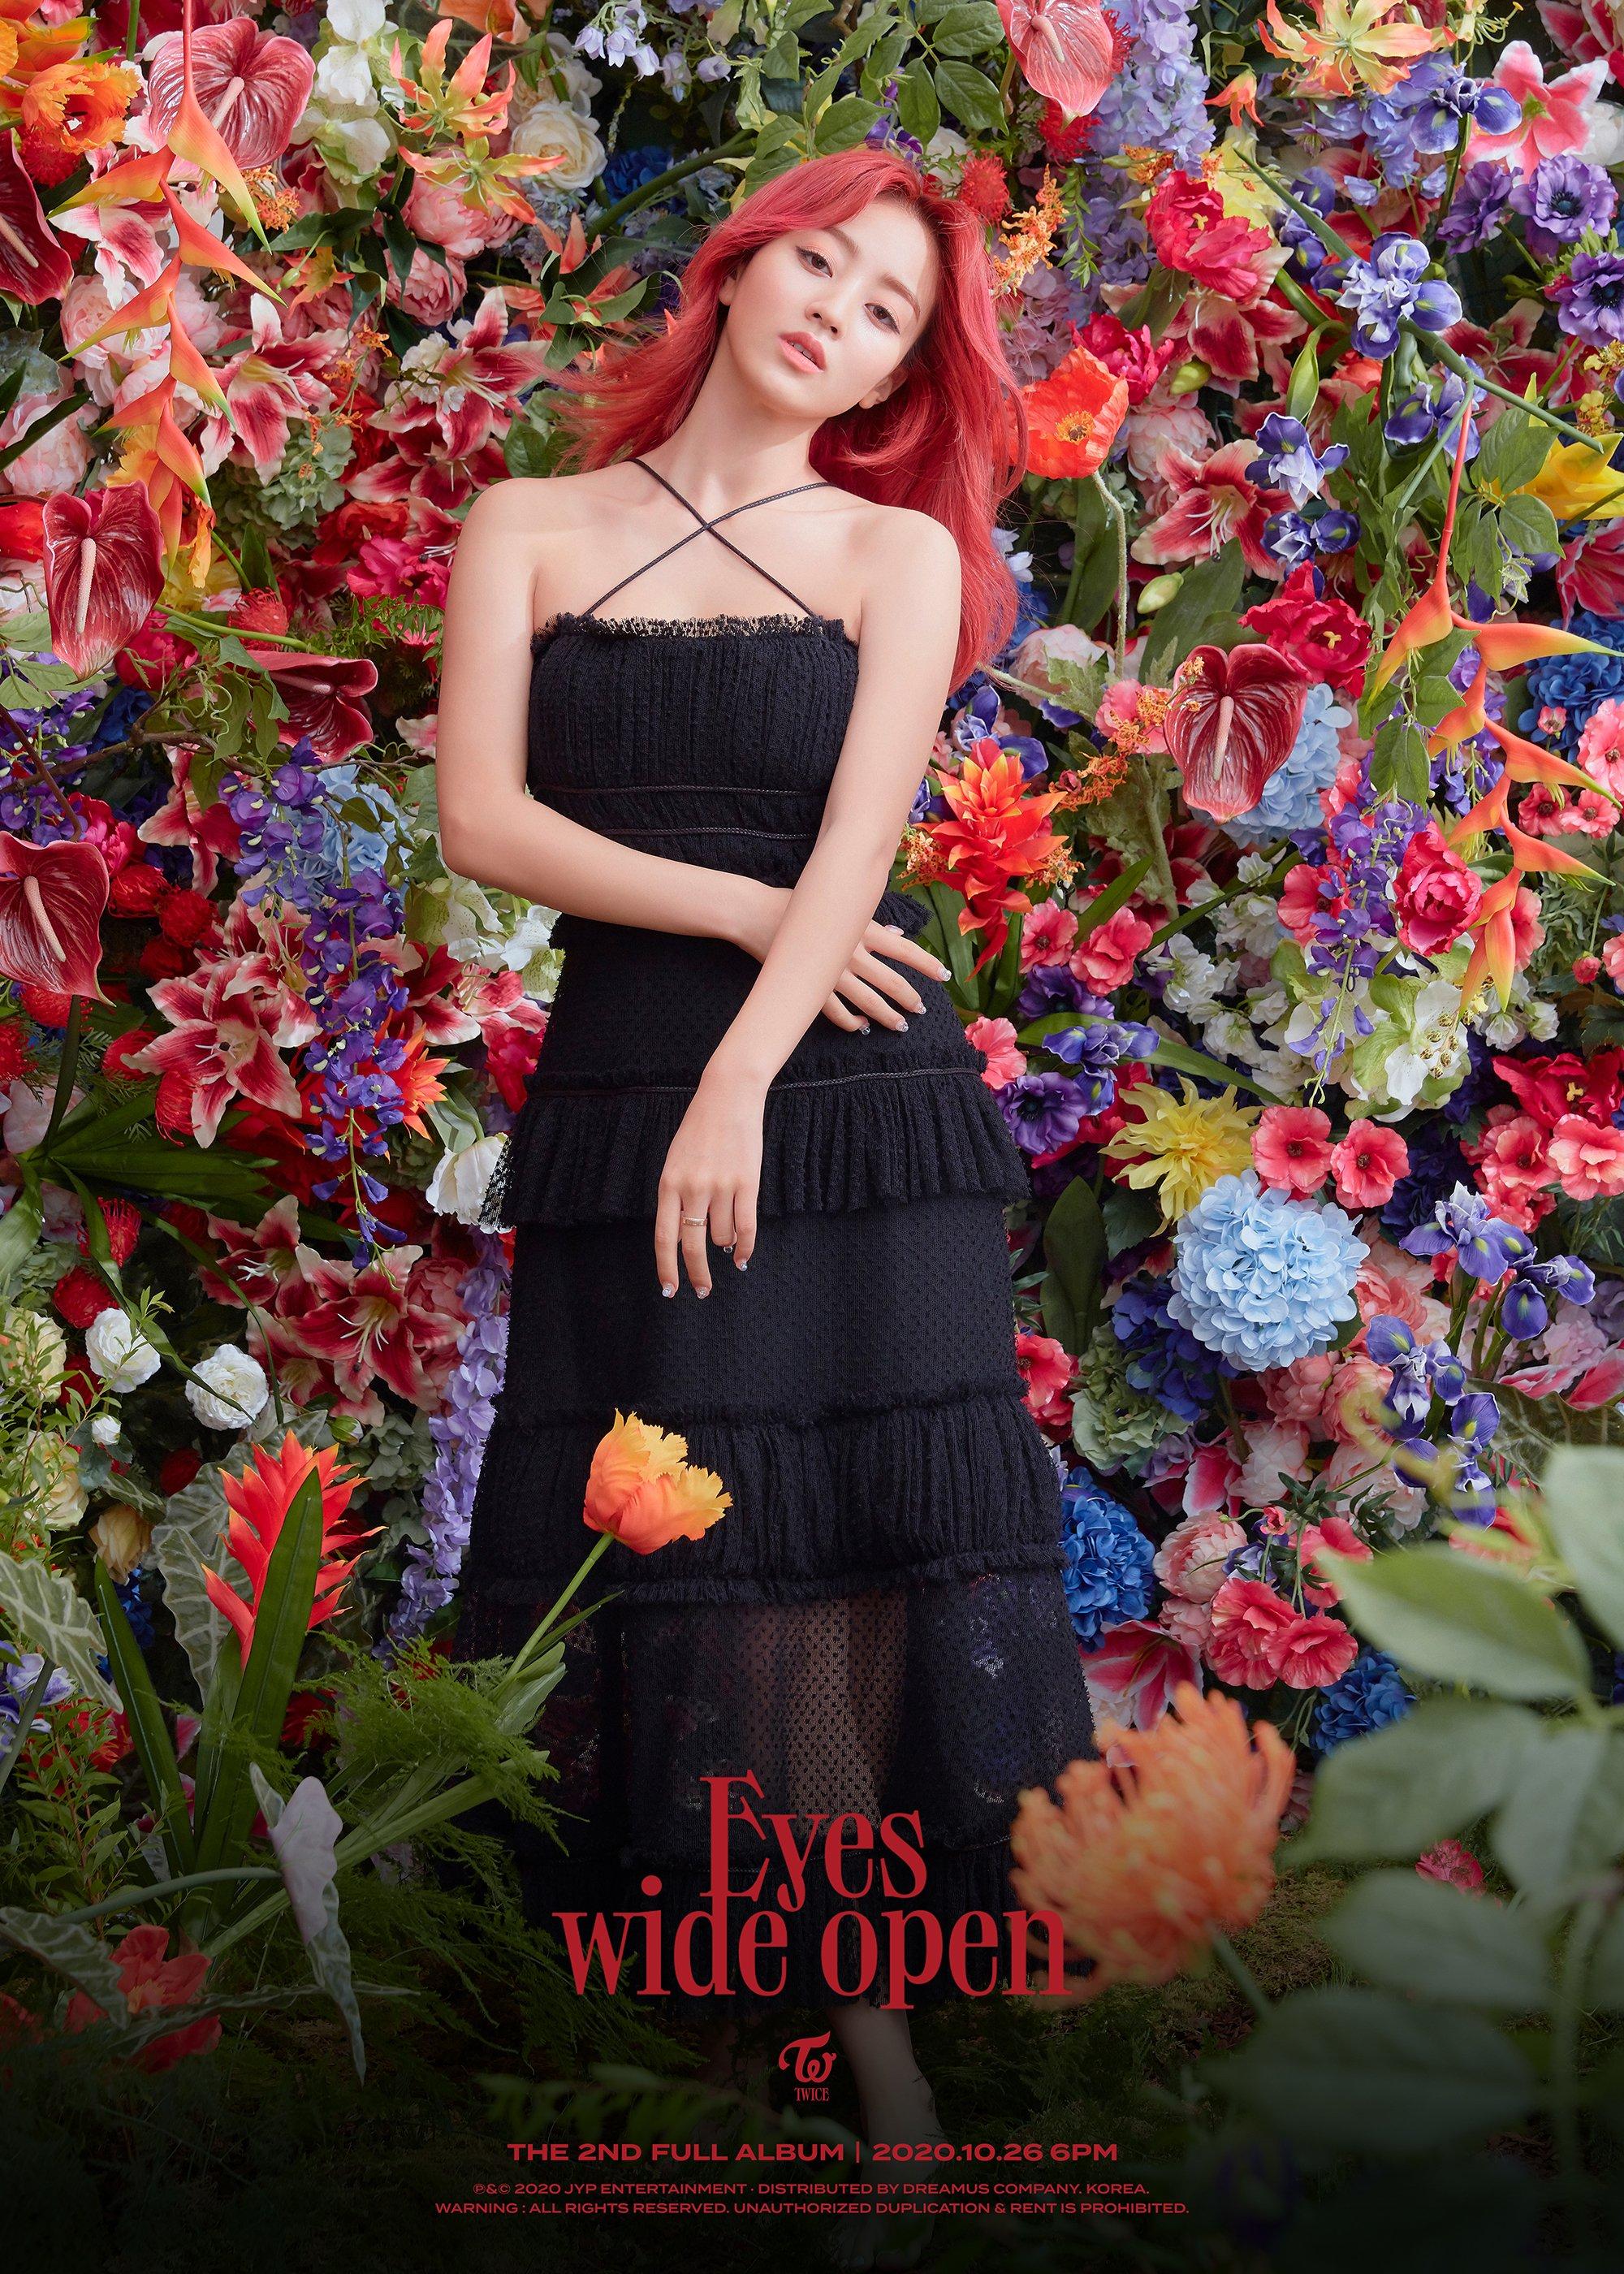 TWICE Eyes Wide Open Jihyo Teaser Story